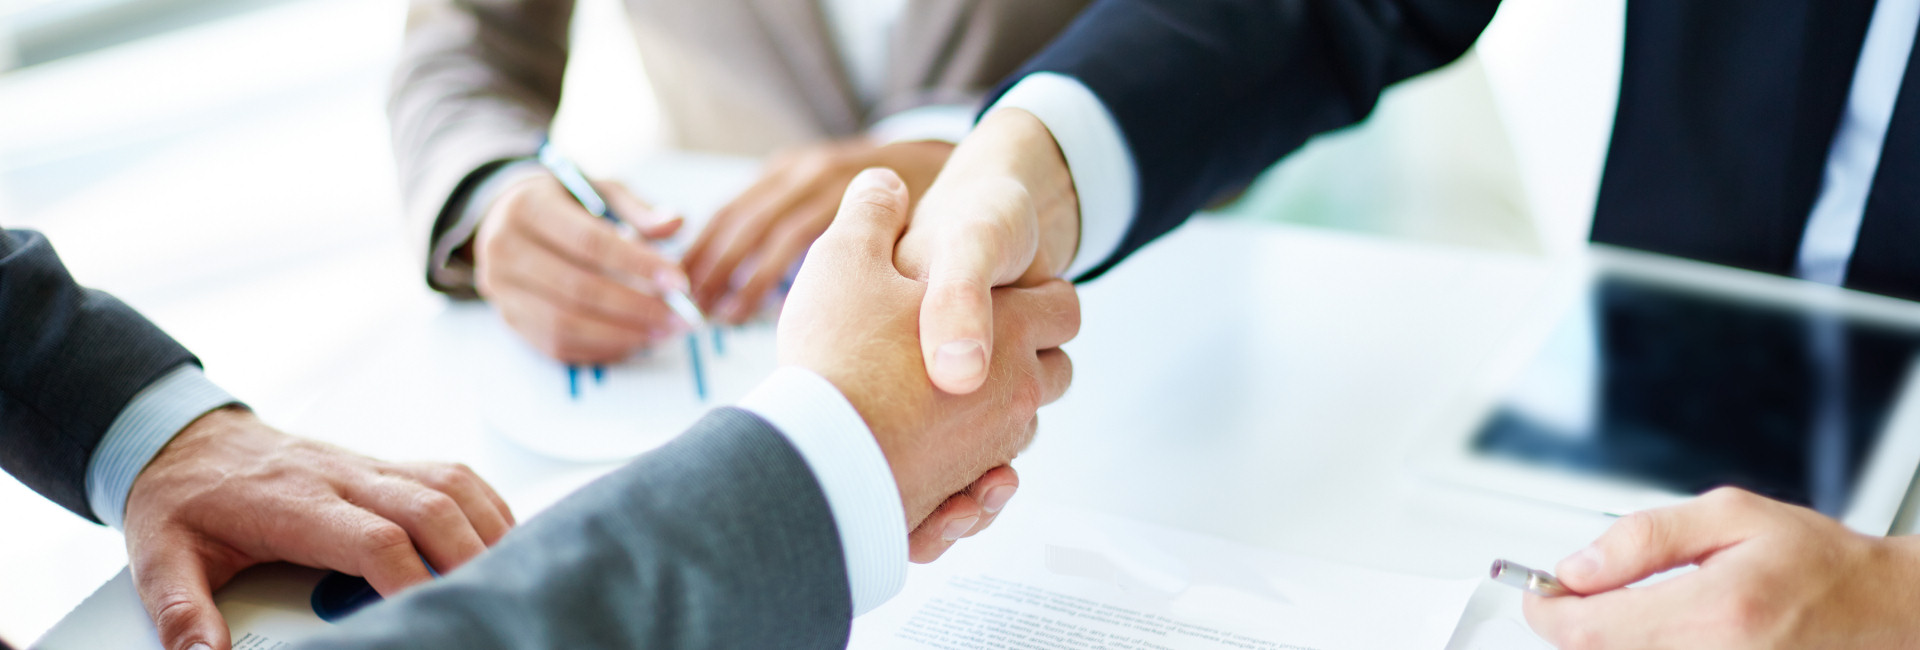 <p><strong>Okresní hospodářská komora Bruntál</strong><br />Váš partner na cestě podnikání.</p>